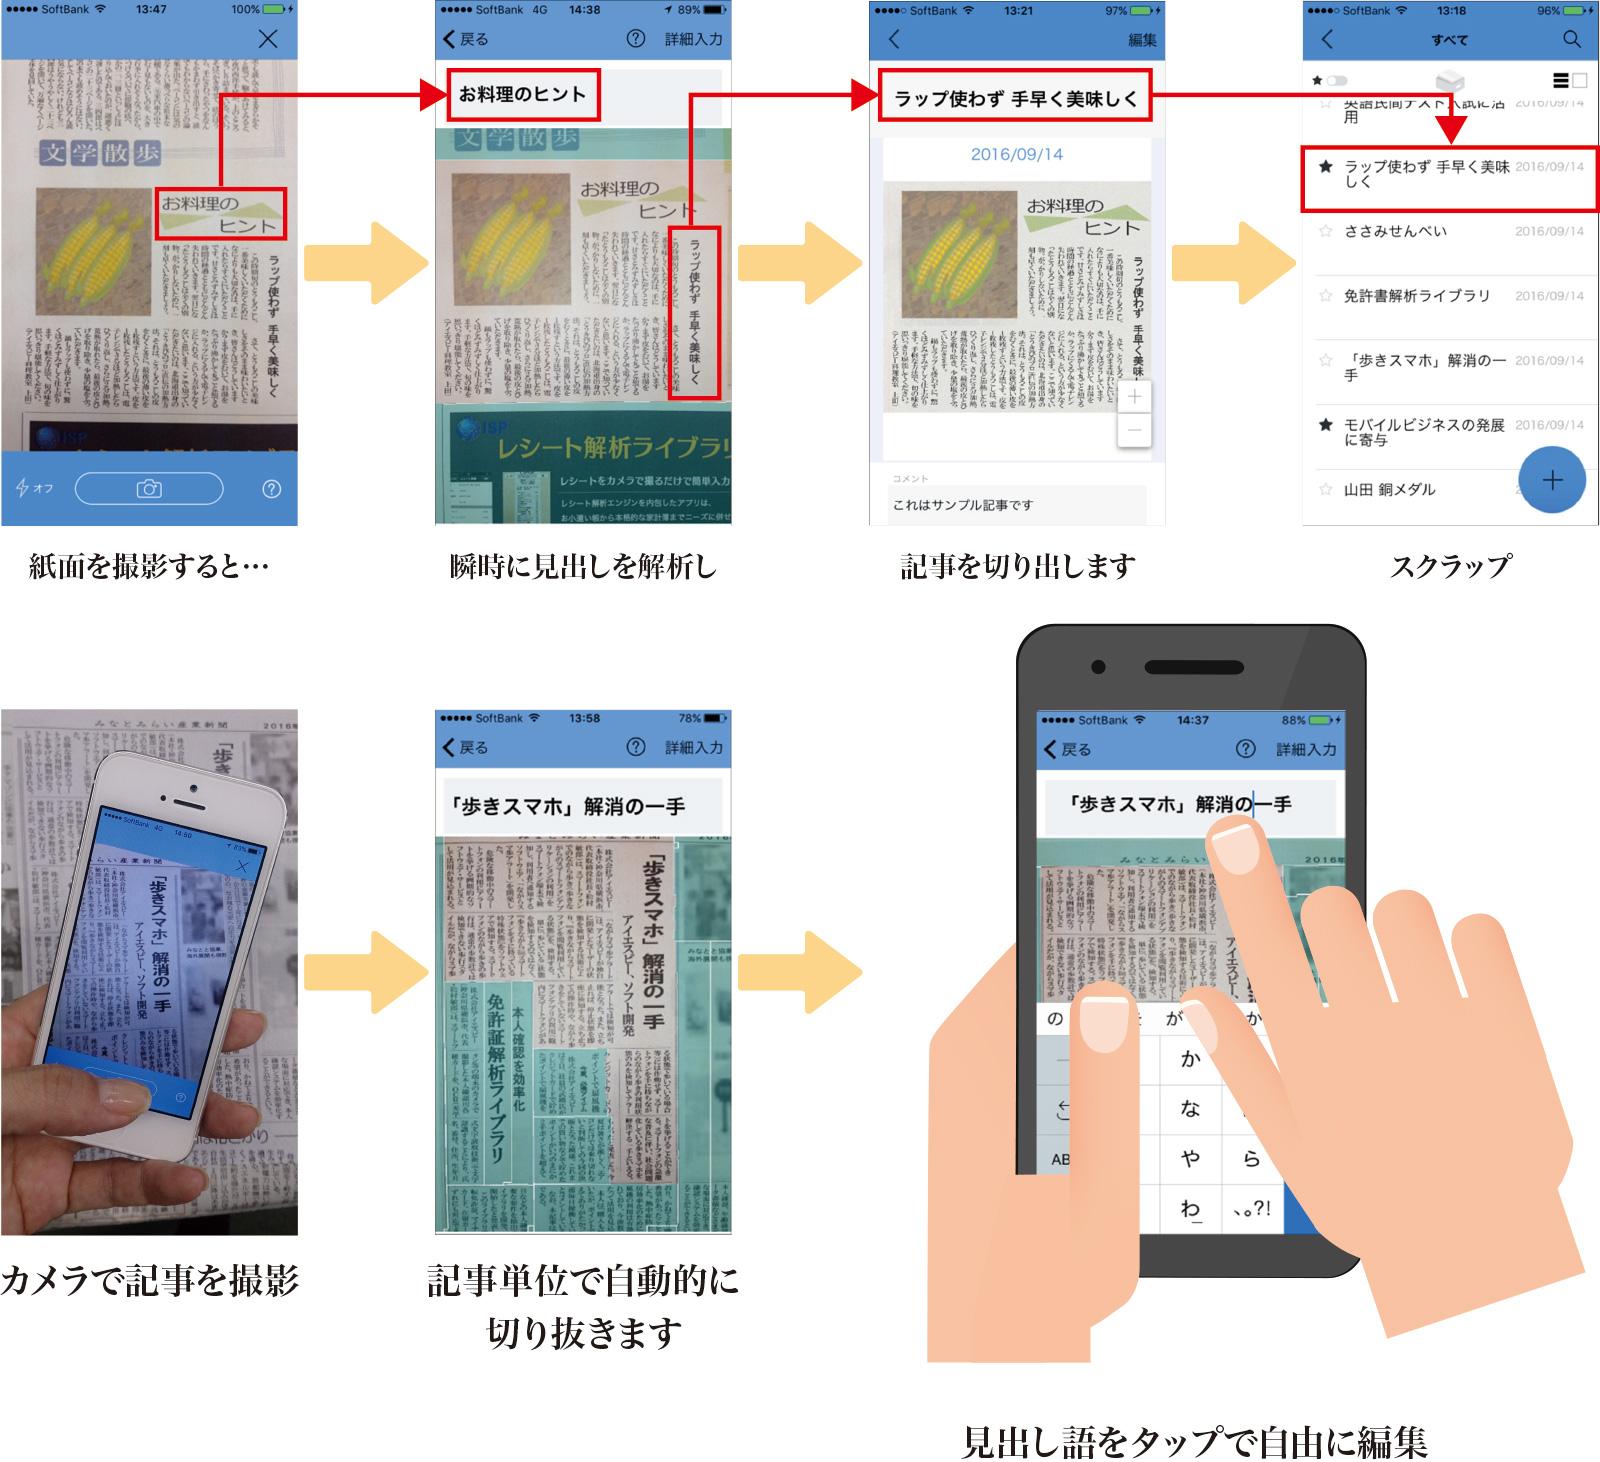 新聞もこのアプリ一つで自由にスクラップ!